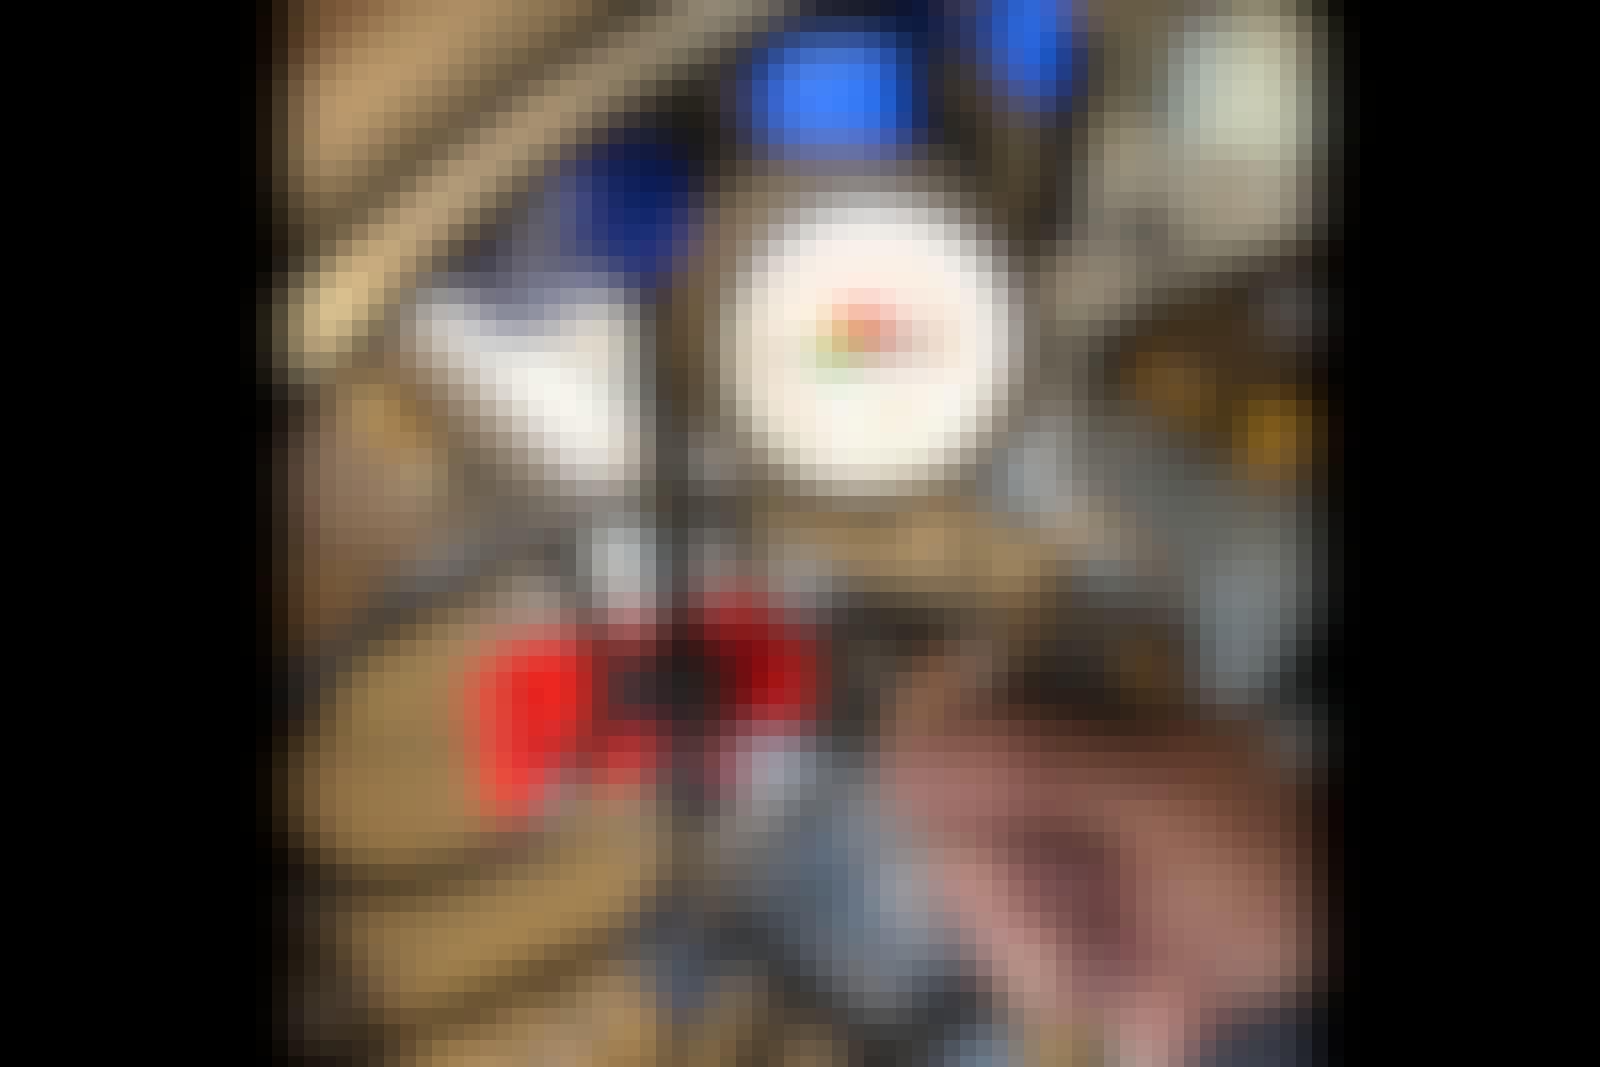 Lufttrycksverktygen: Pumpa däck med tryckluftspump